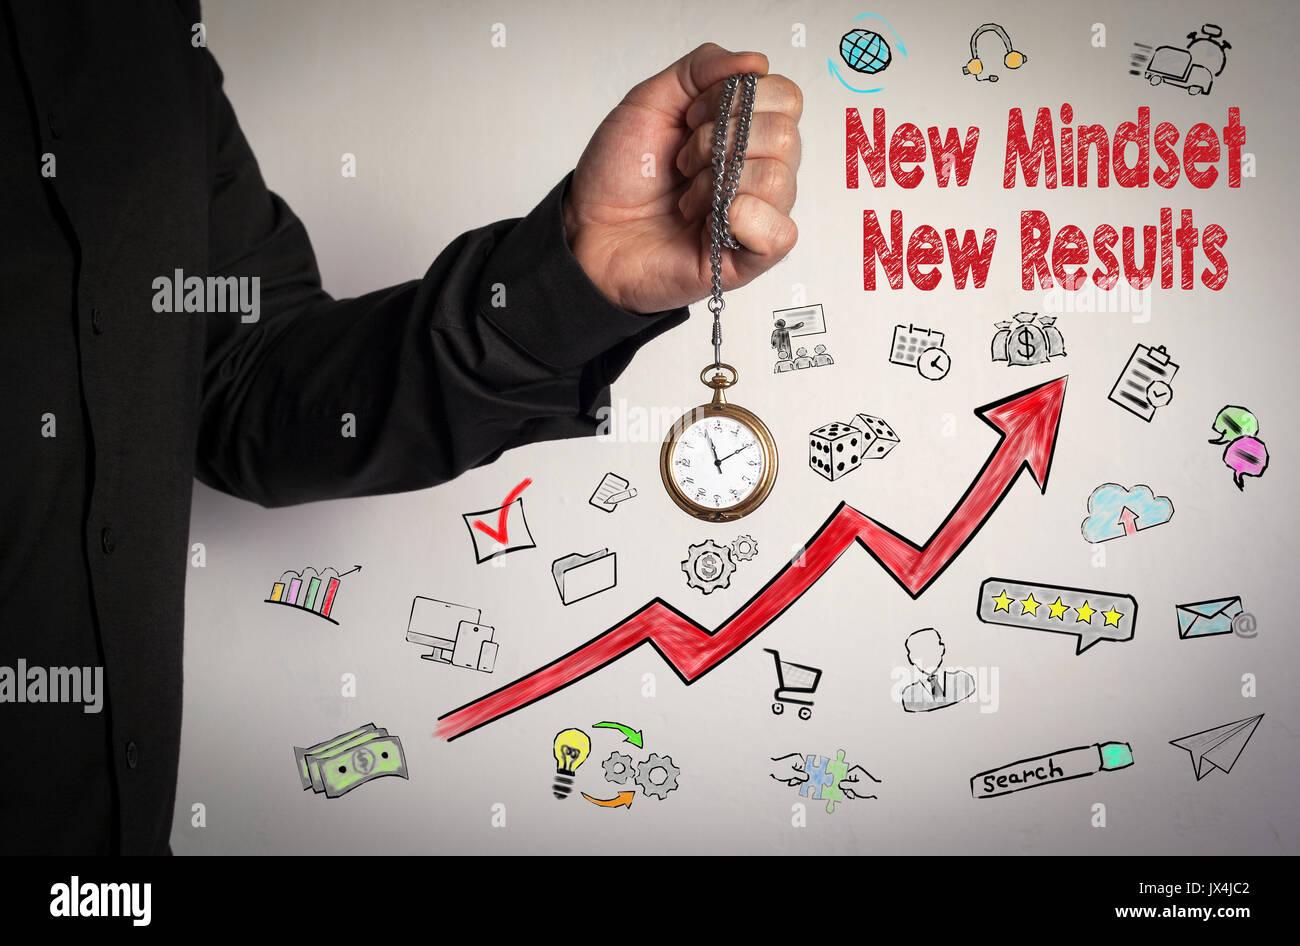 Nueva Mentalidad nuevo concepto de resultados. Los iconos de flecha roja y alrededor. Hombre sujetando la cadena reloj sobre fondo blanco. Imagen De Stock